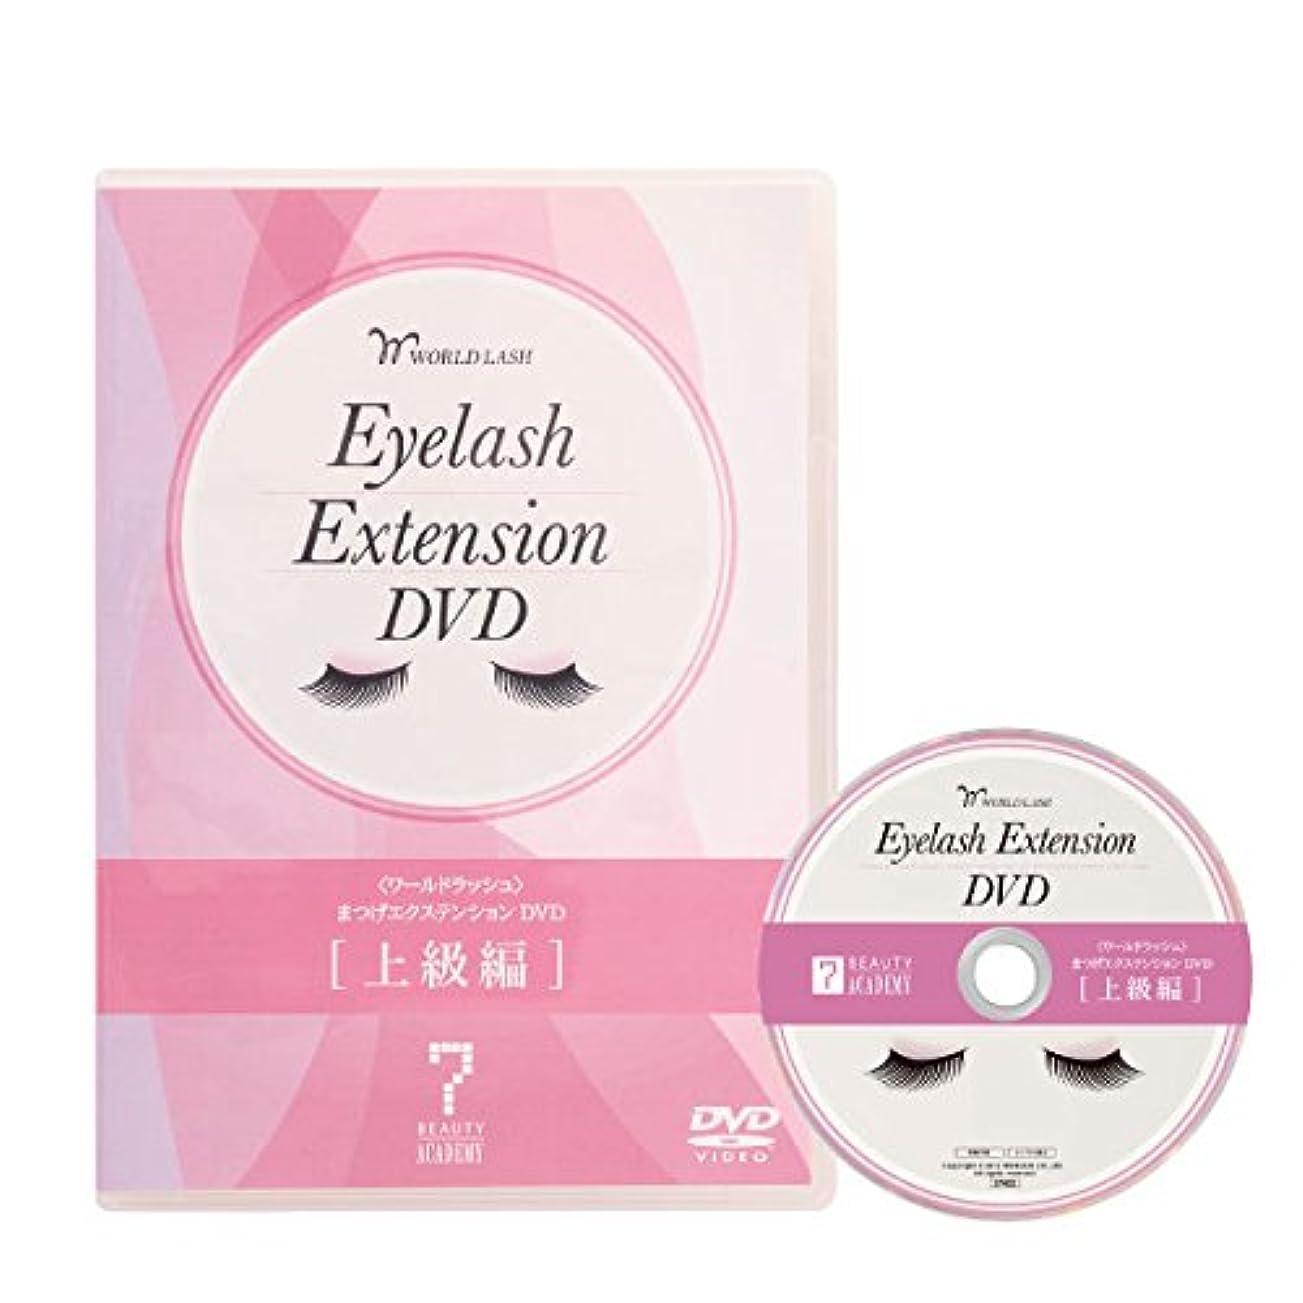 通貨キルス素朴な< WORLD LASH > まつげエクステンション DVD (上級編) [ 教材 テキスト DVD まつげエクステ まつ毛エクステ まつエク マツエク サロン用 ]